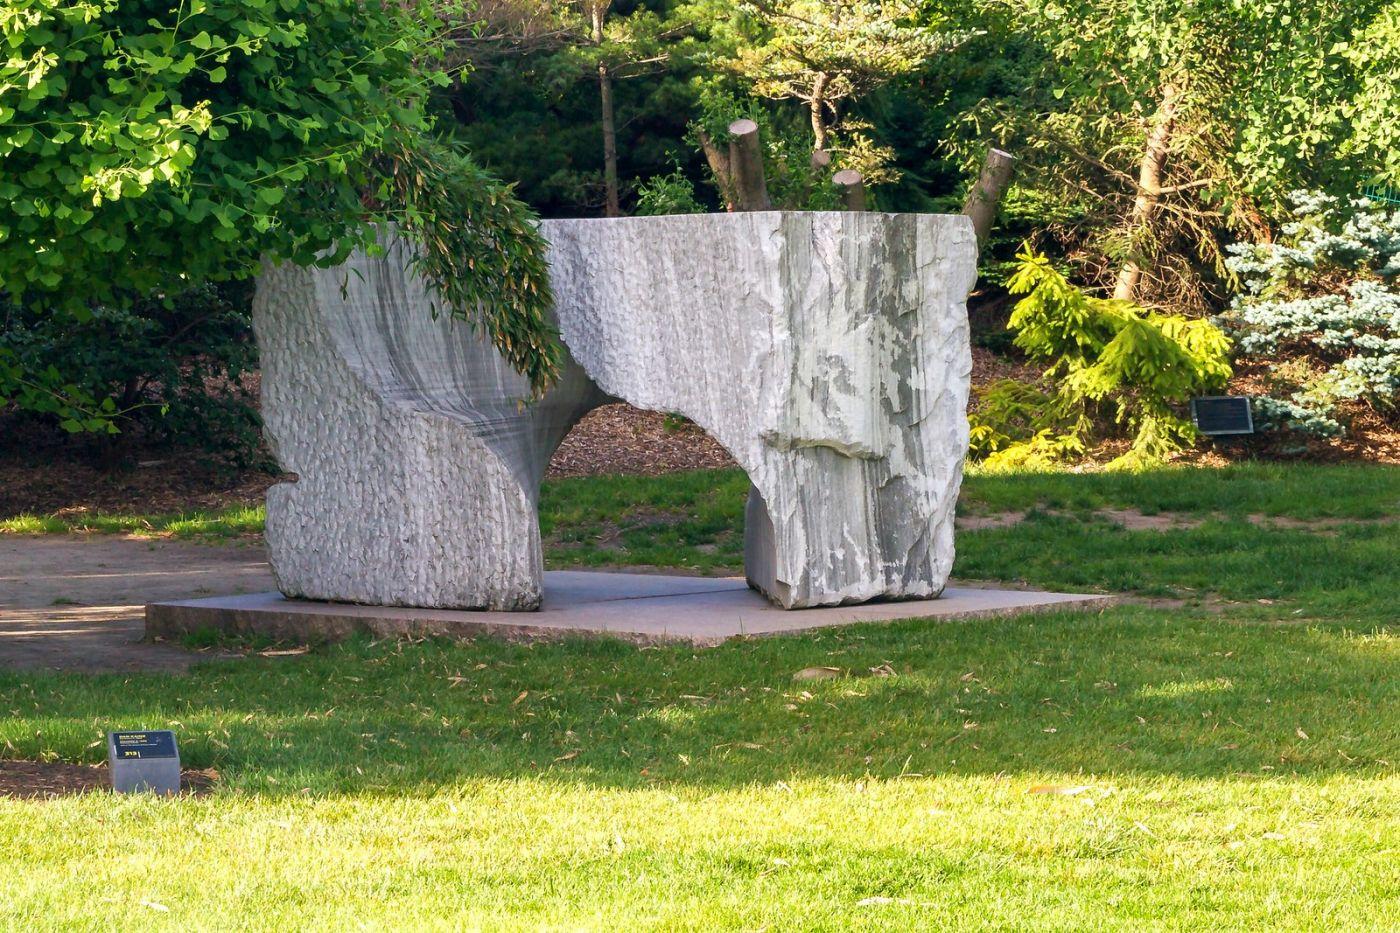 新泽西州雕塑公园(Grounds for scuplture),题材很广_图1-5